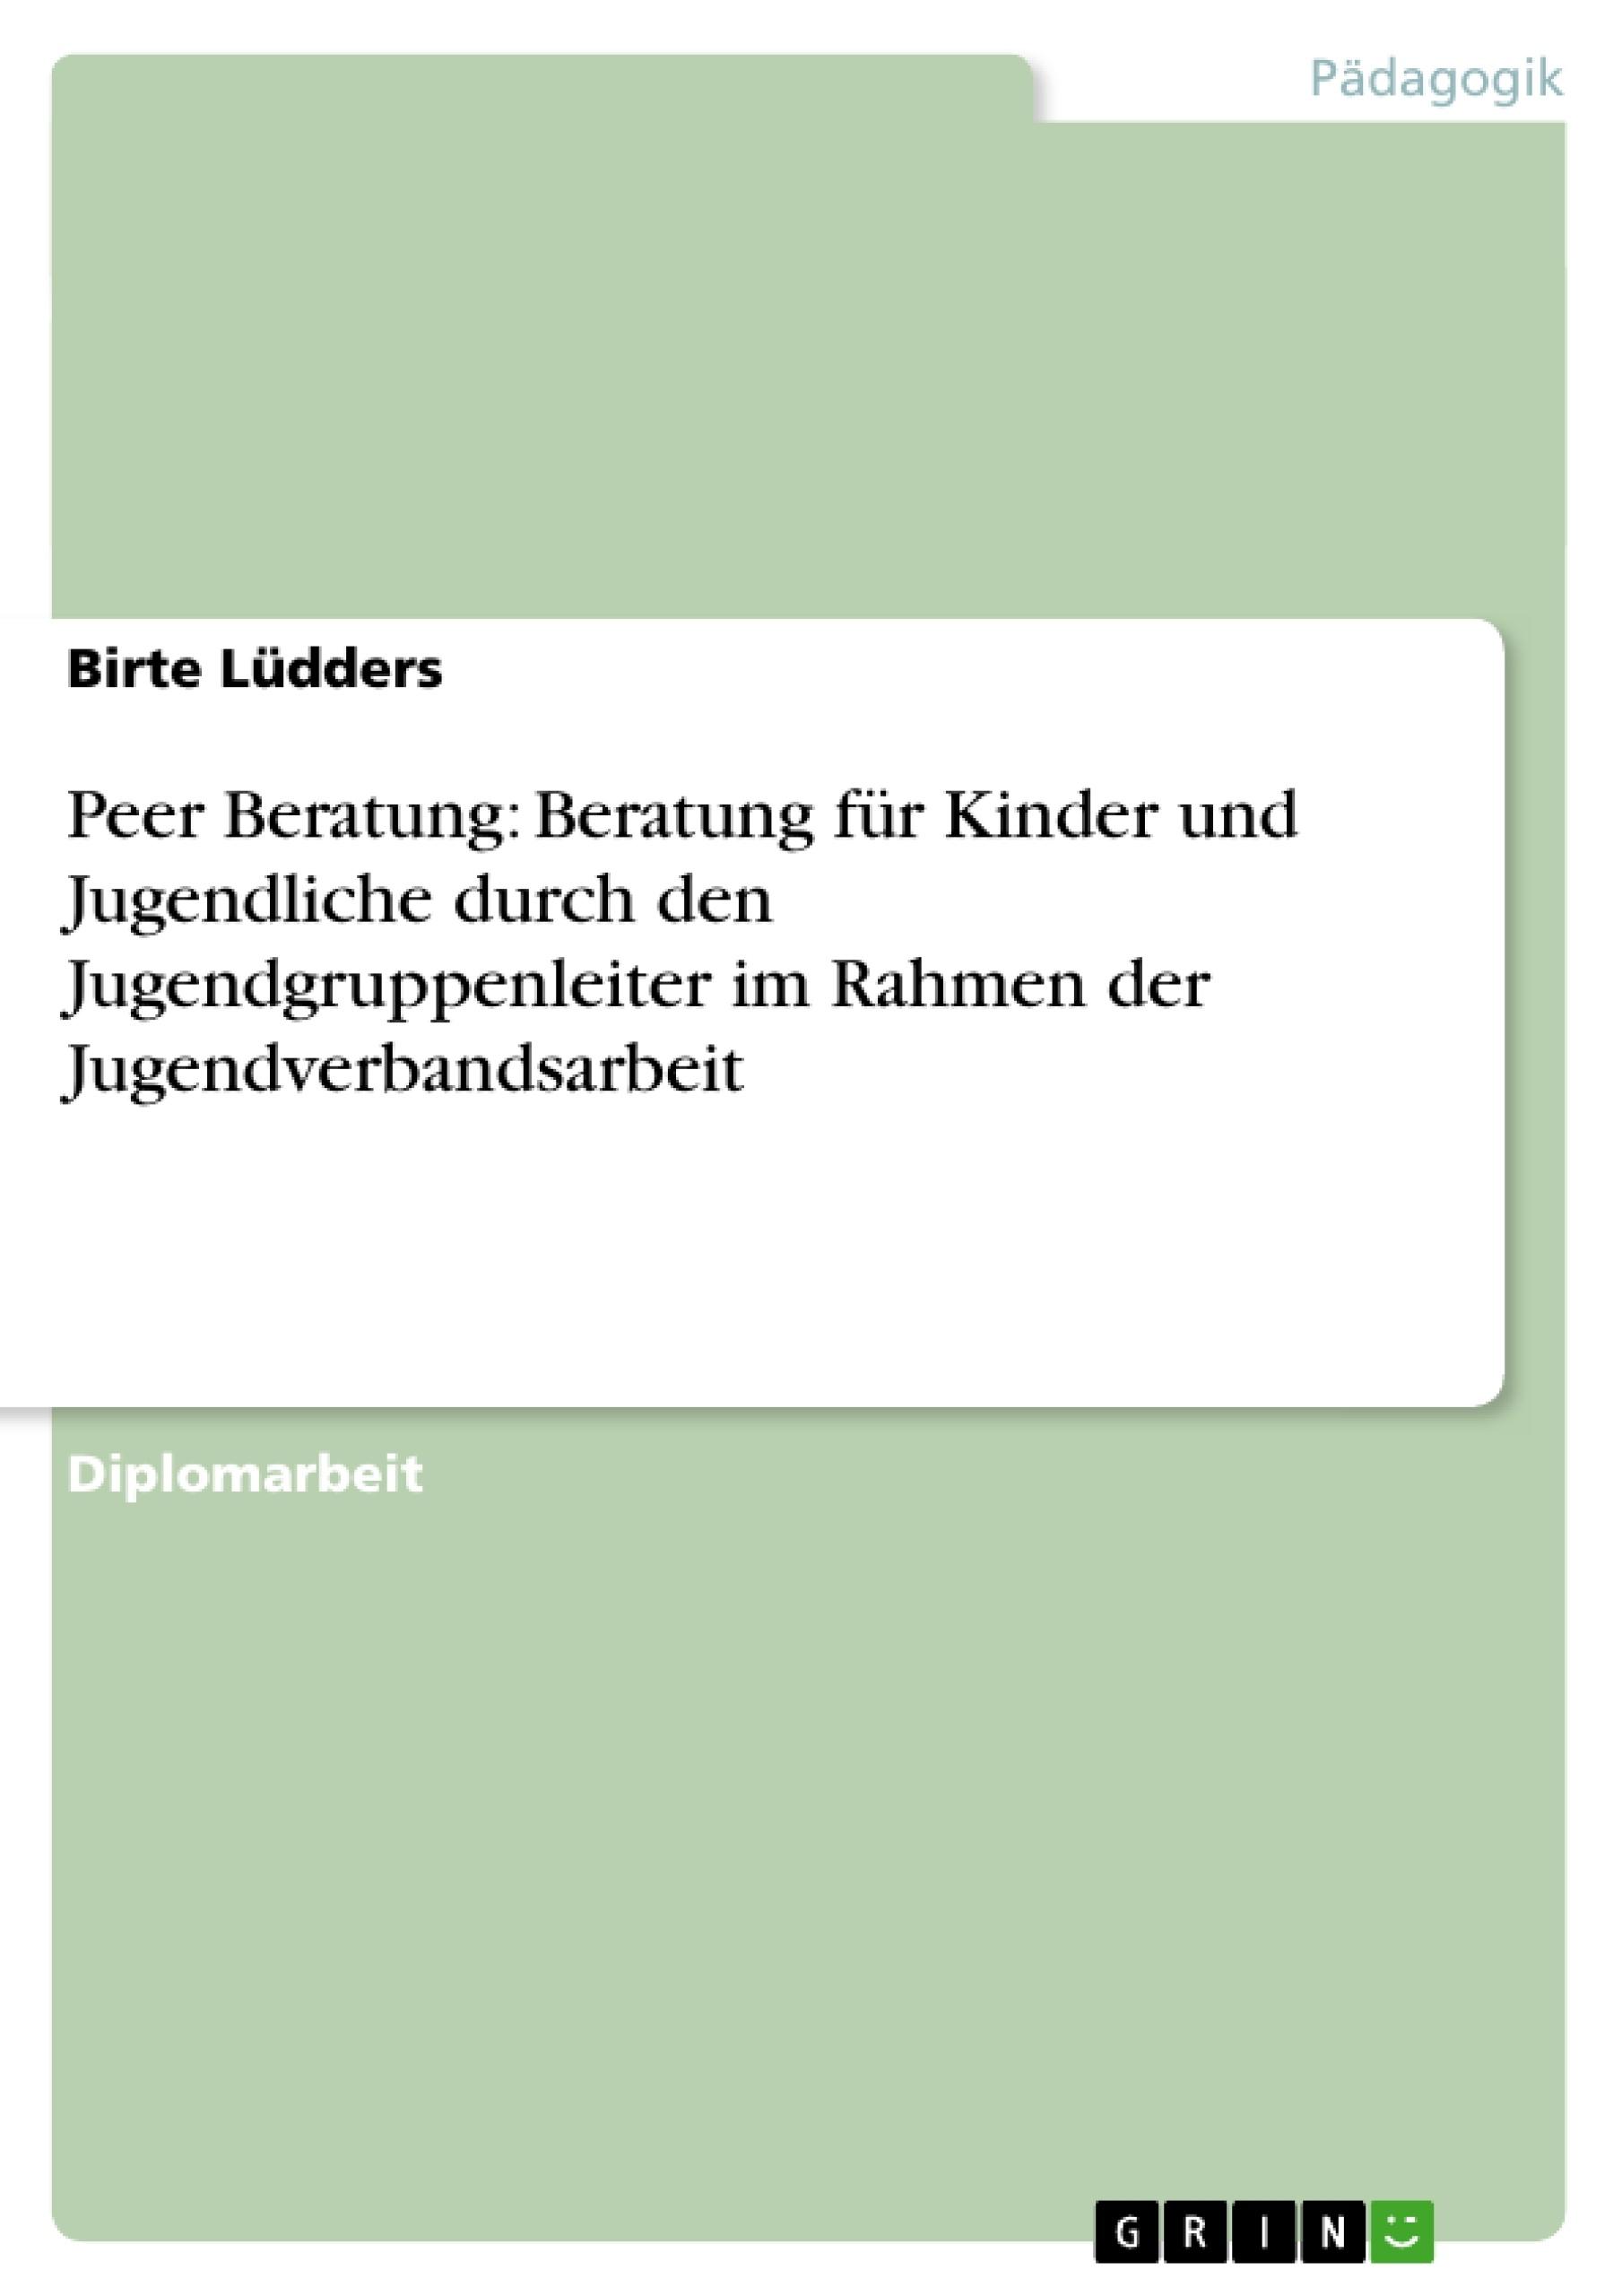 Peer Beratung: Beratung für Kinder und Jugendliche durch den ...